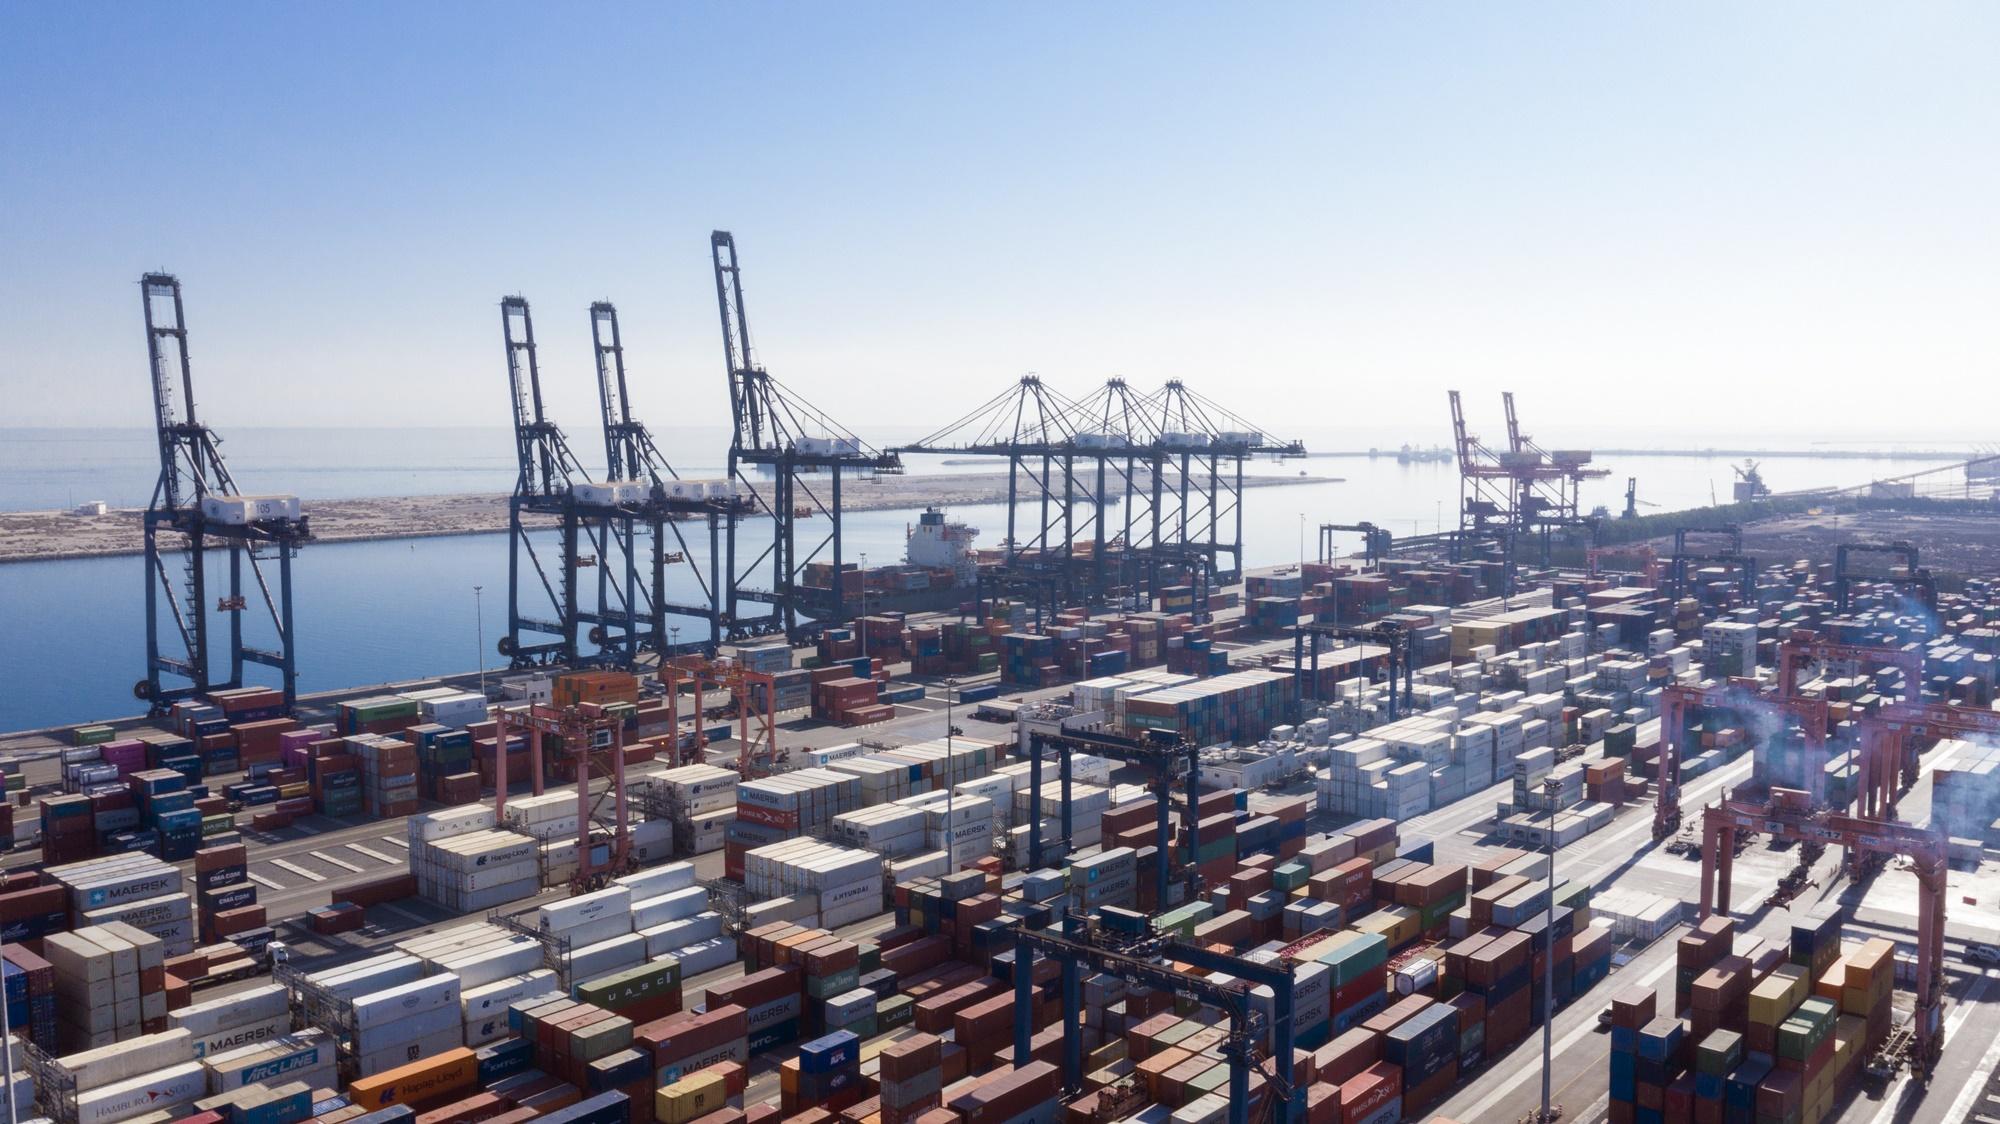 زيادة حجم البضائع المنقولة بميناء صحار في الربع الثاني من العام الجاري